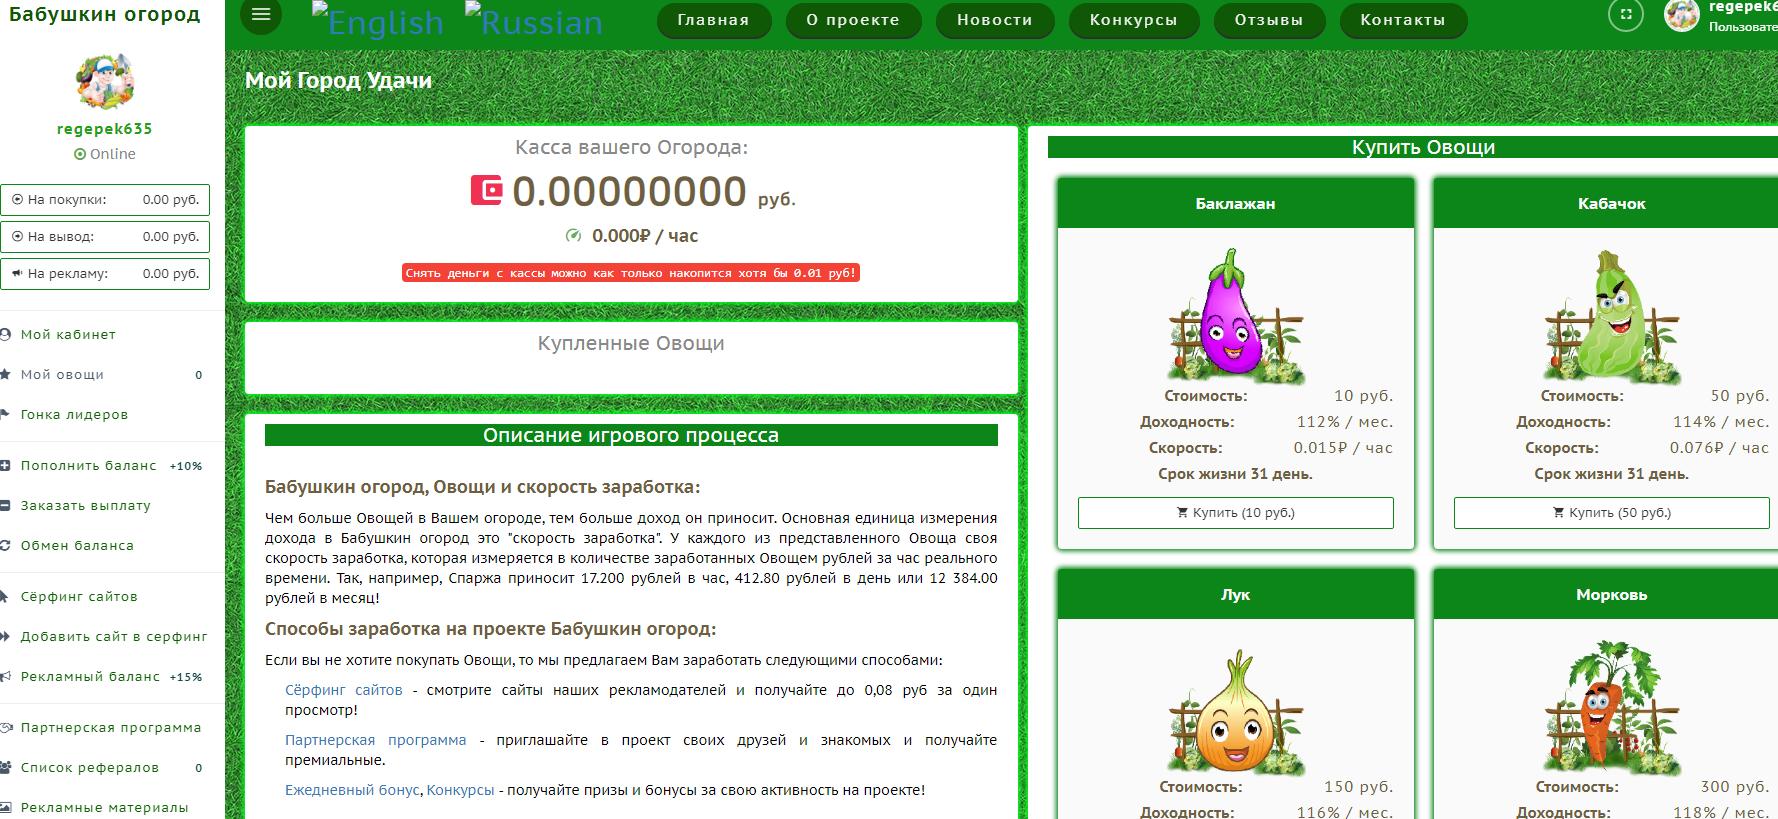 Скрипт игры Babushkiny-semki бесплатно.